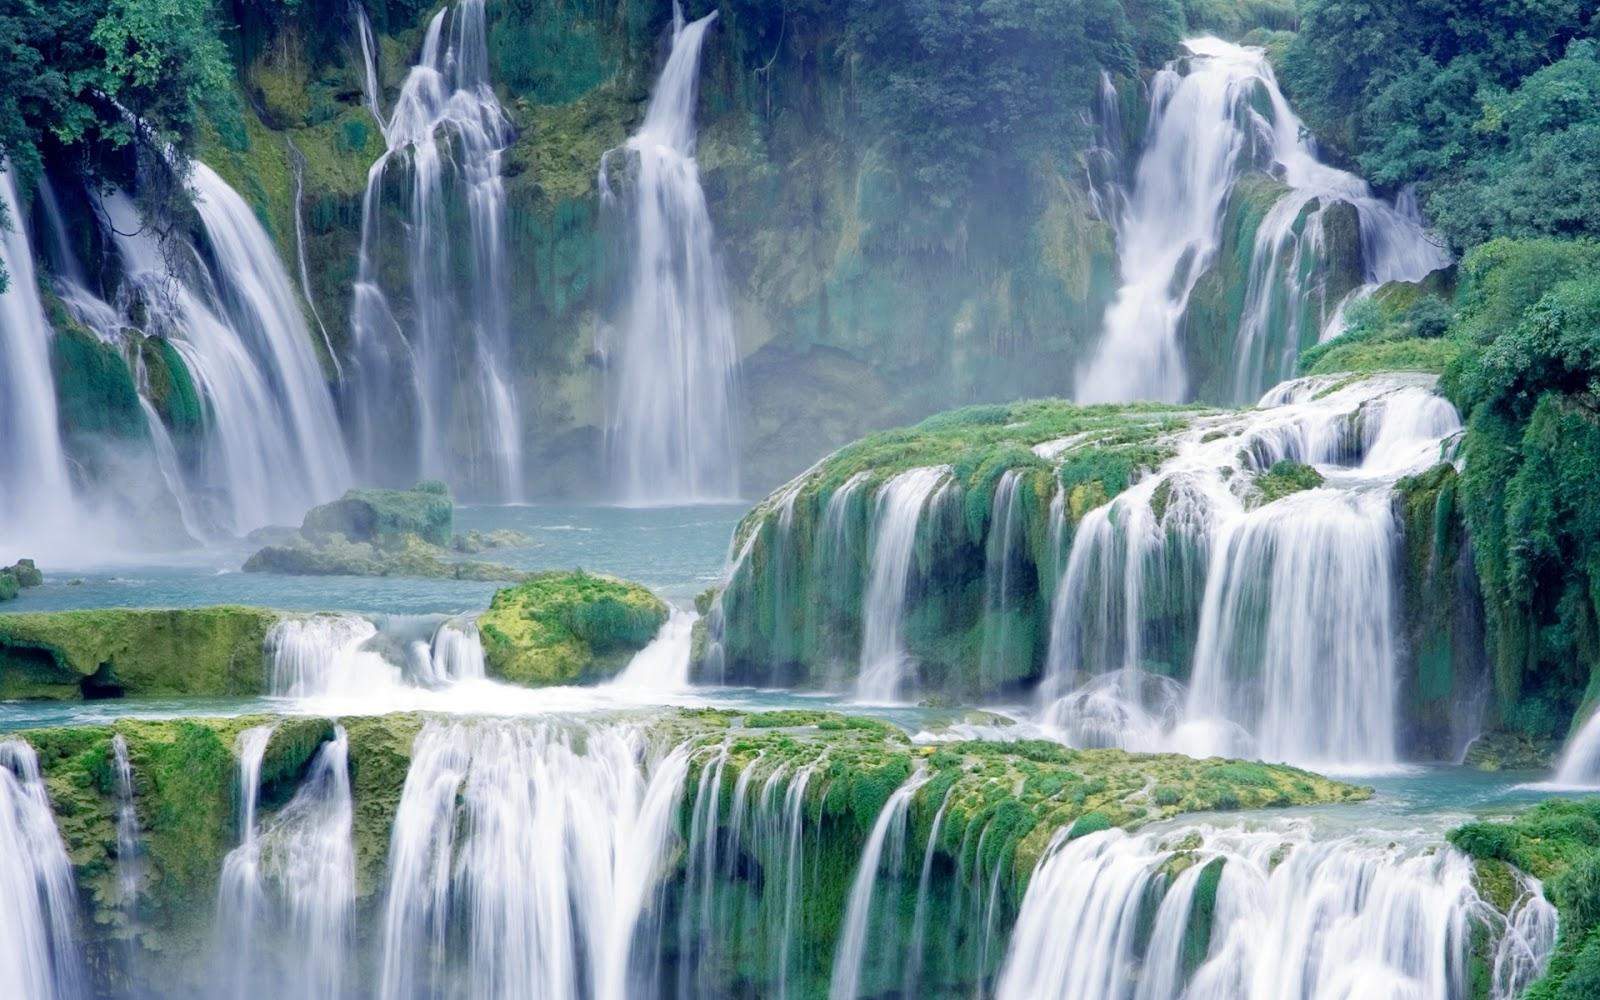 Hình ảnh thác nước đổ đẹp mê mẩn người xem